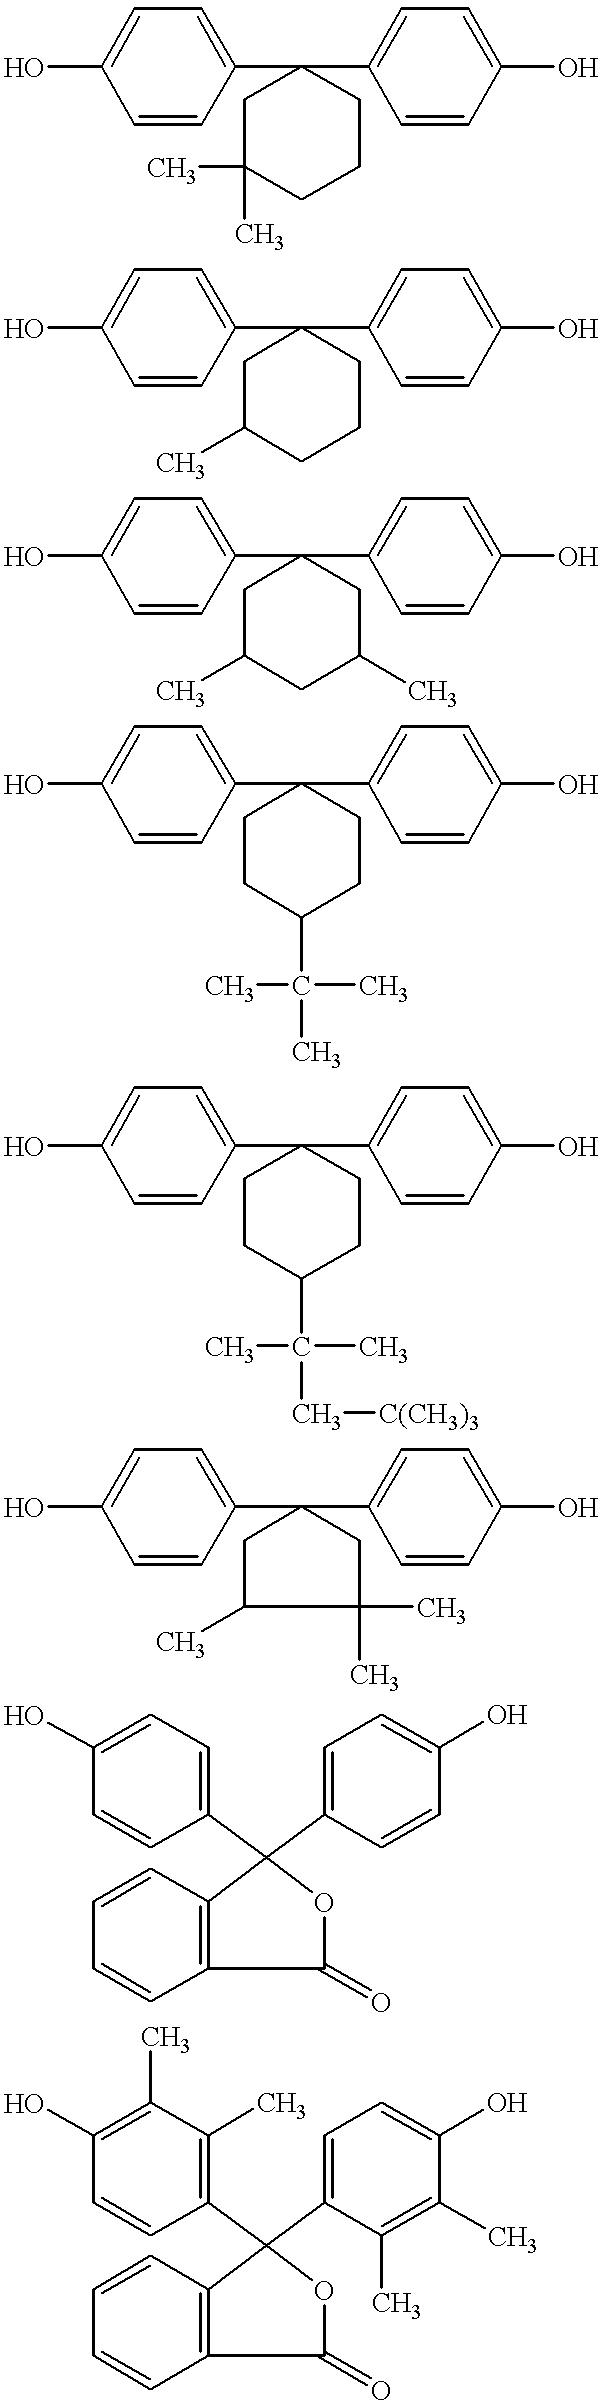 Figure US06306939-20011023-C00012